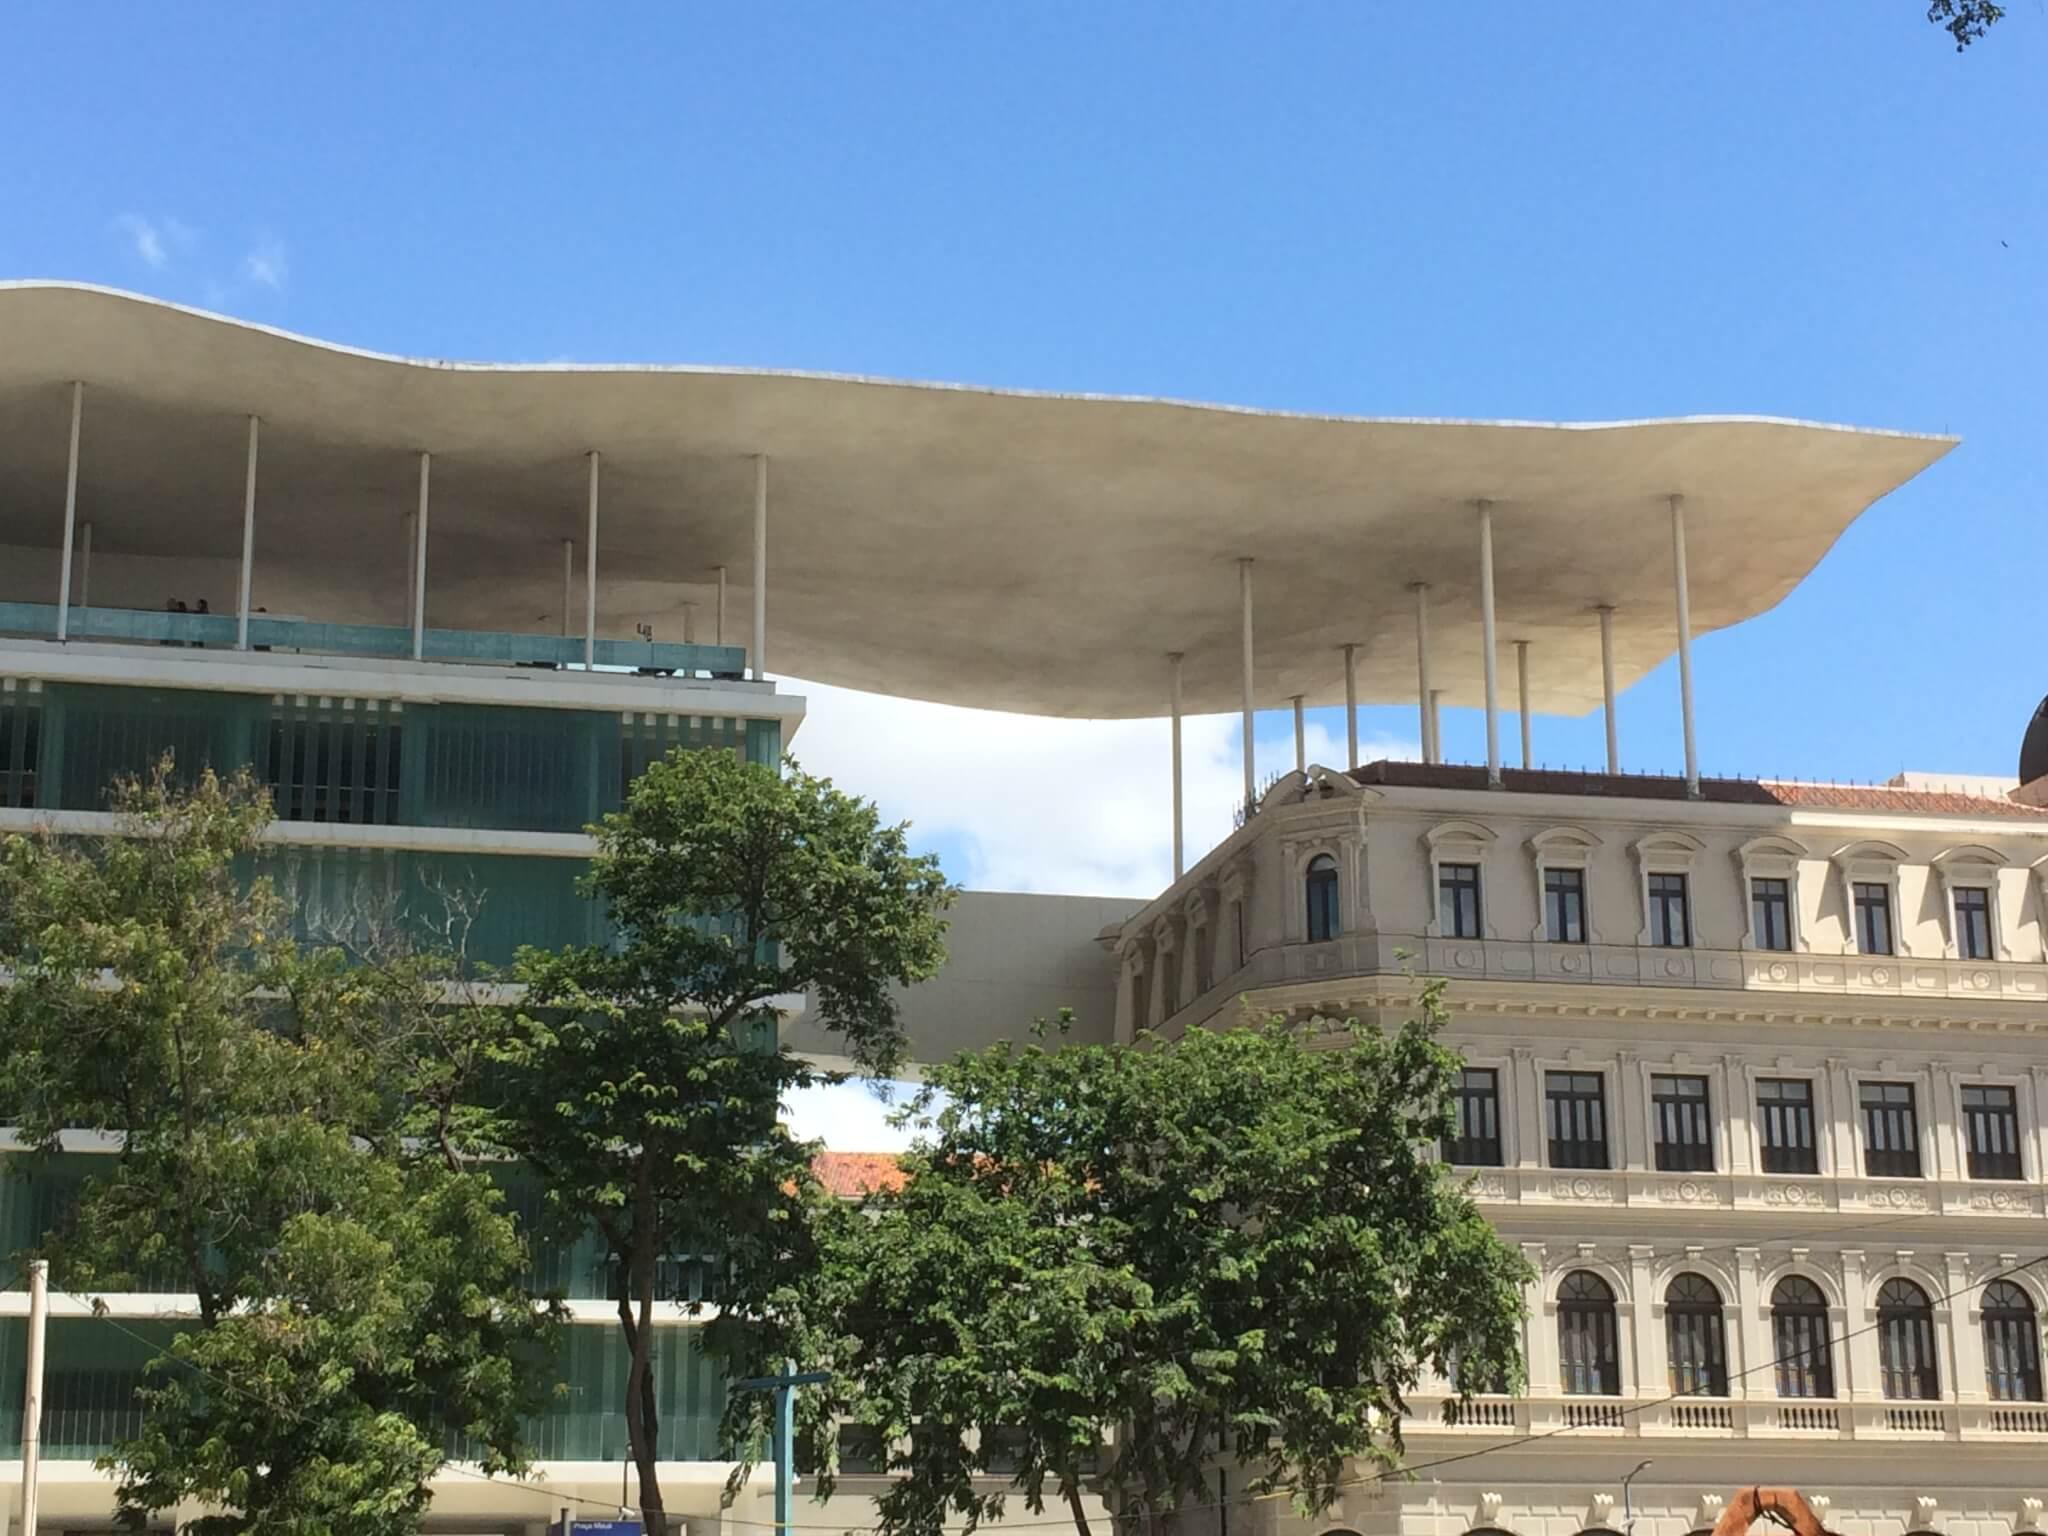 Museo de Arte do Rio de Janeiro